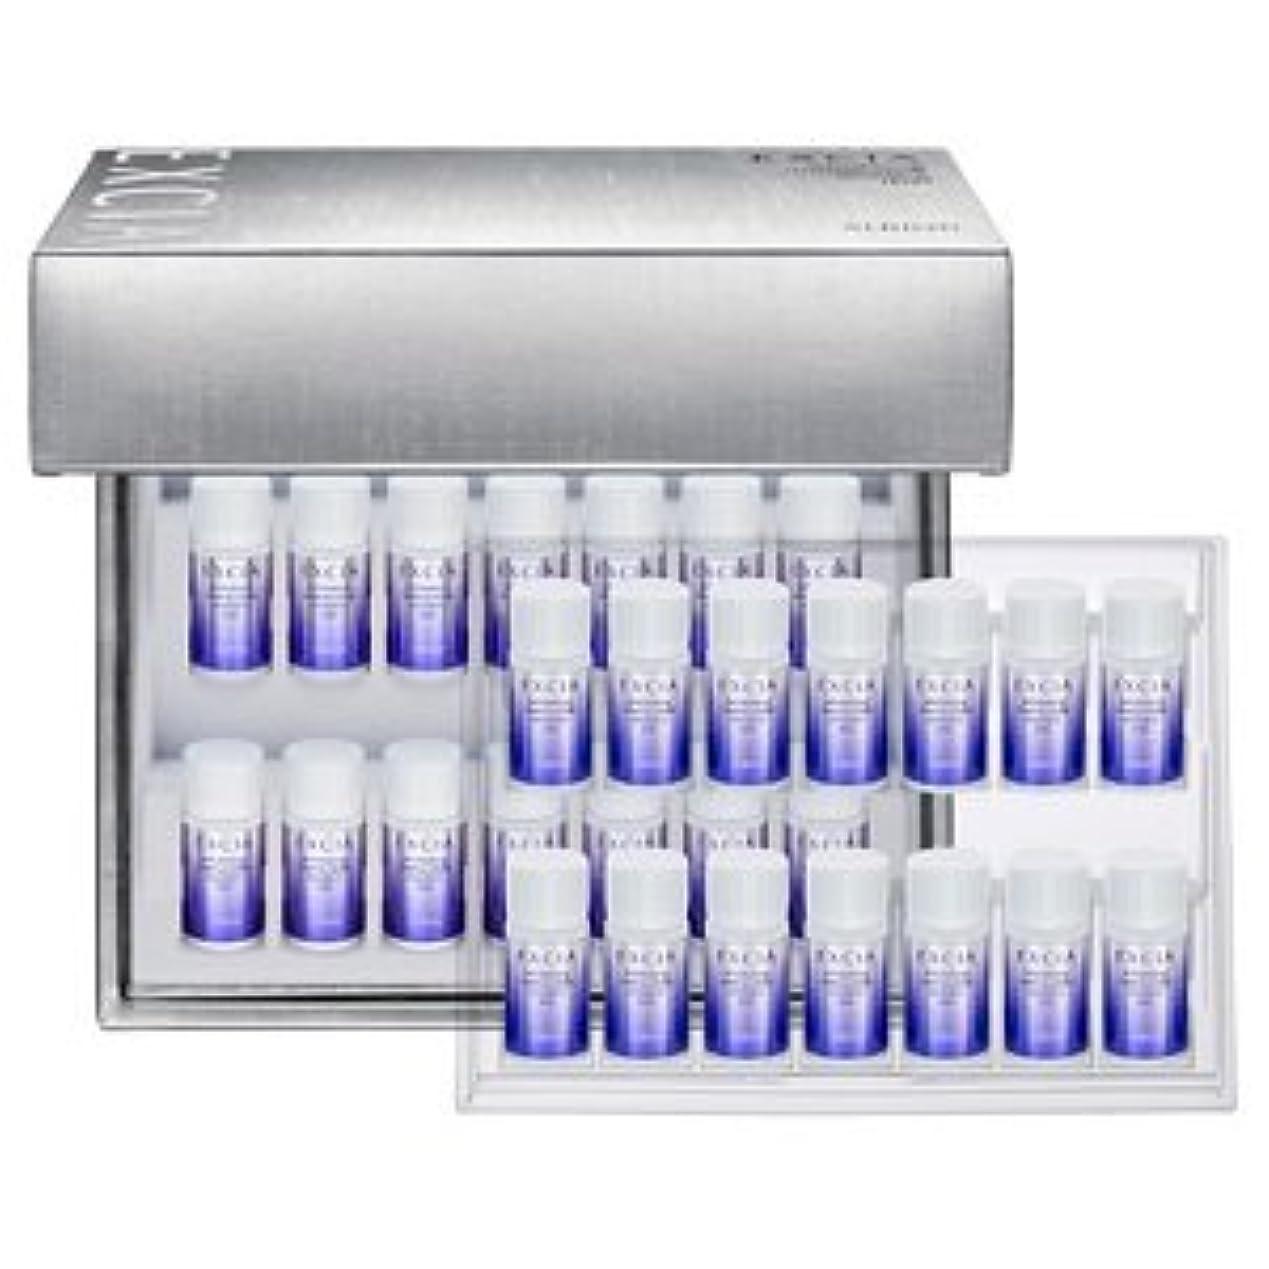 第九換気雄弁なアルビオン エクシア AL ホワイトニング イマキュレート エッセンス IDD 1.5ml×28個